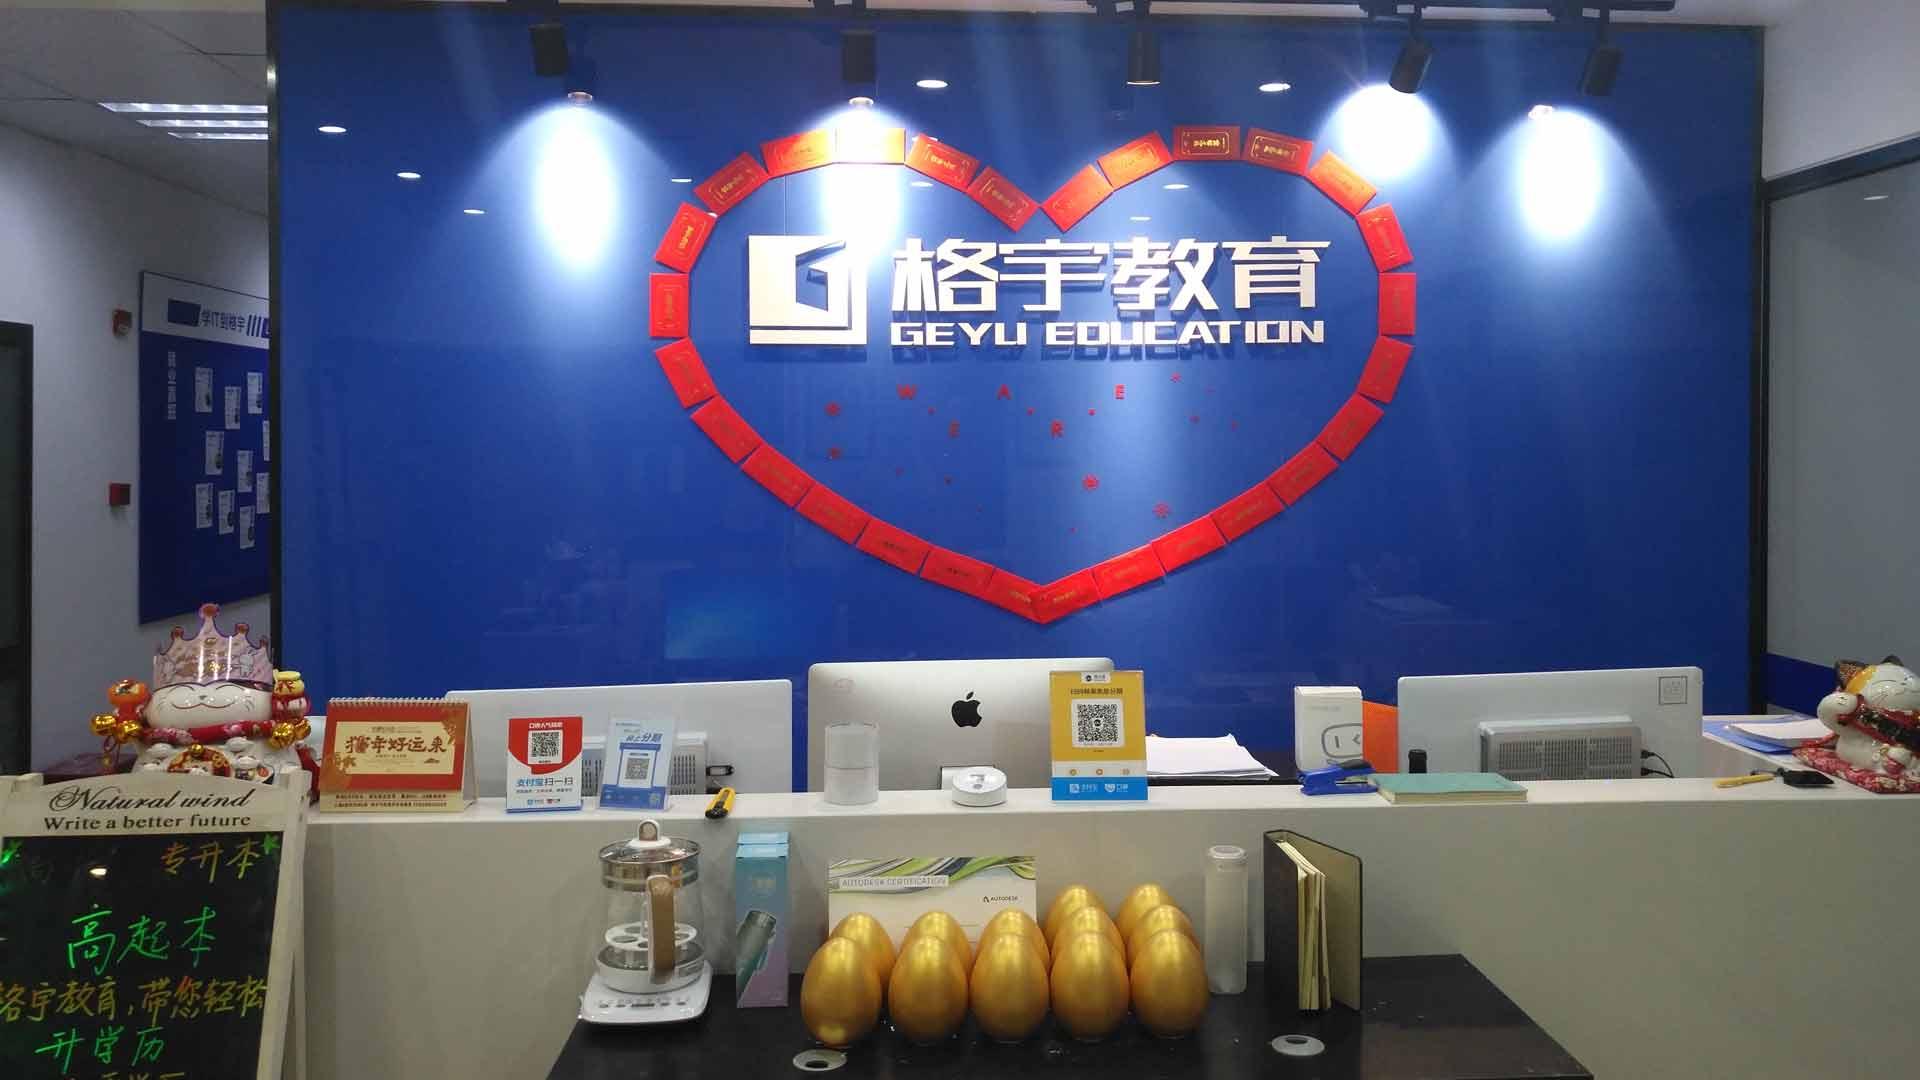 上海培训ui设计哪家好